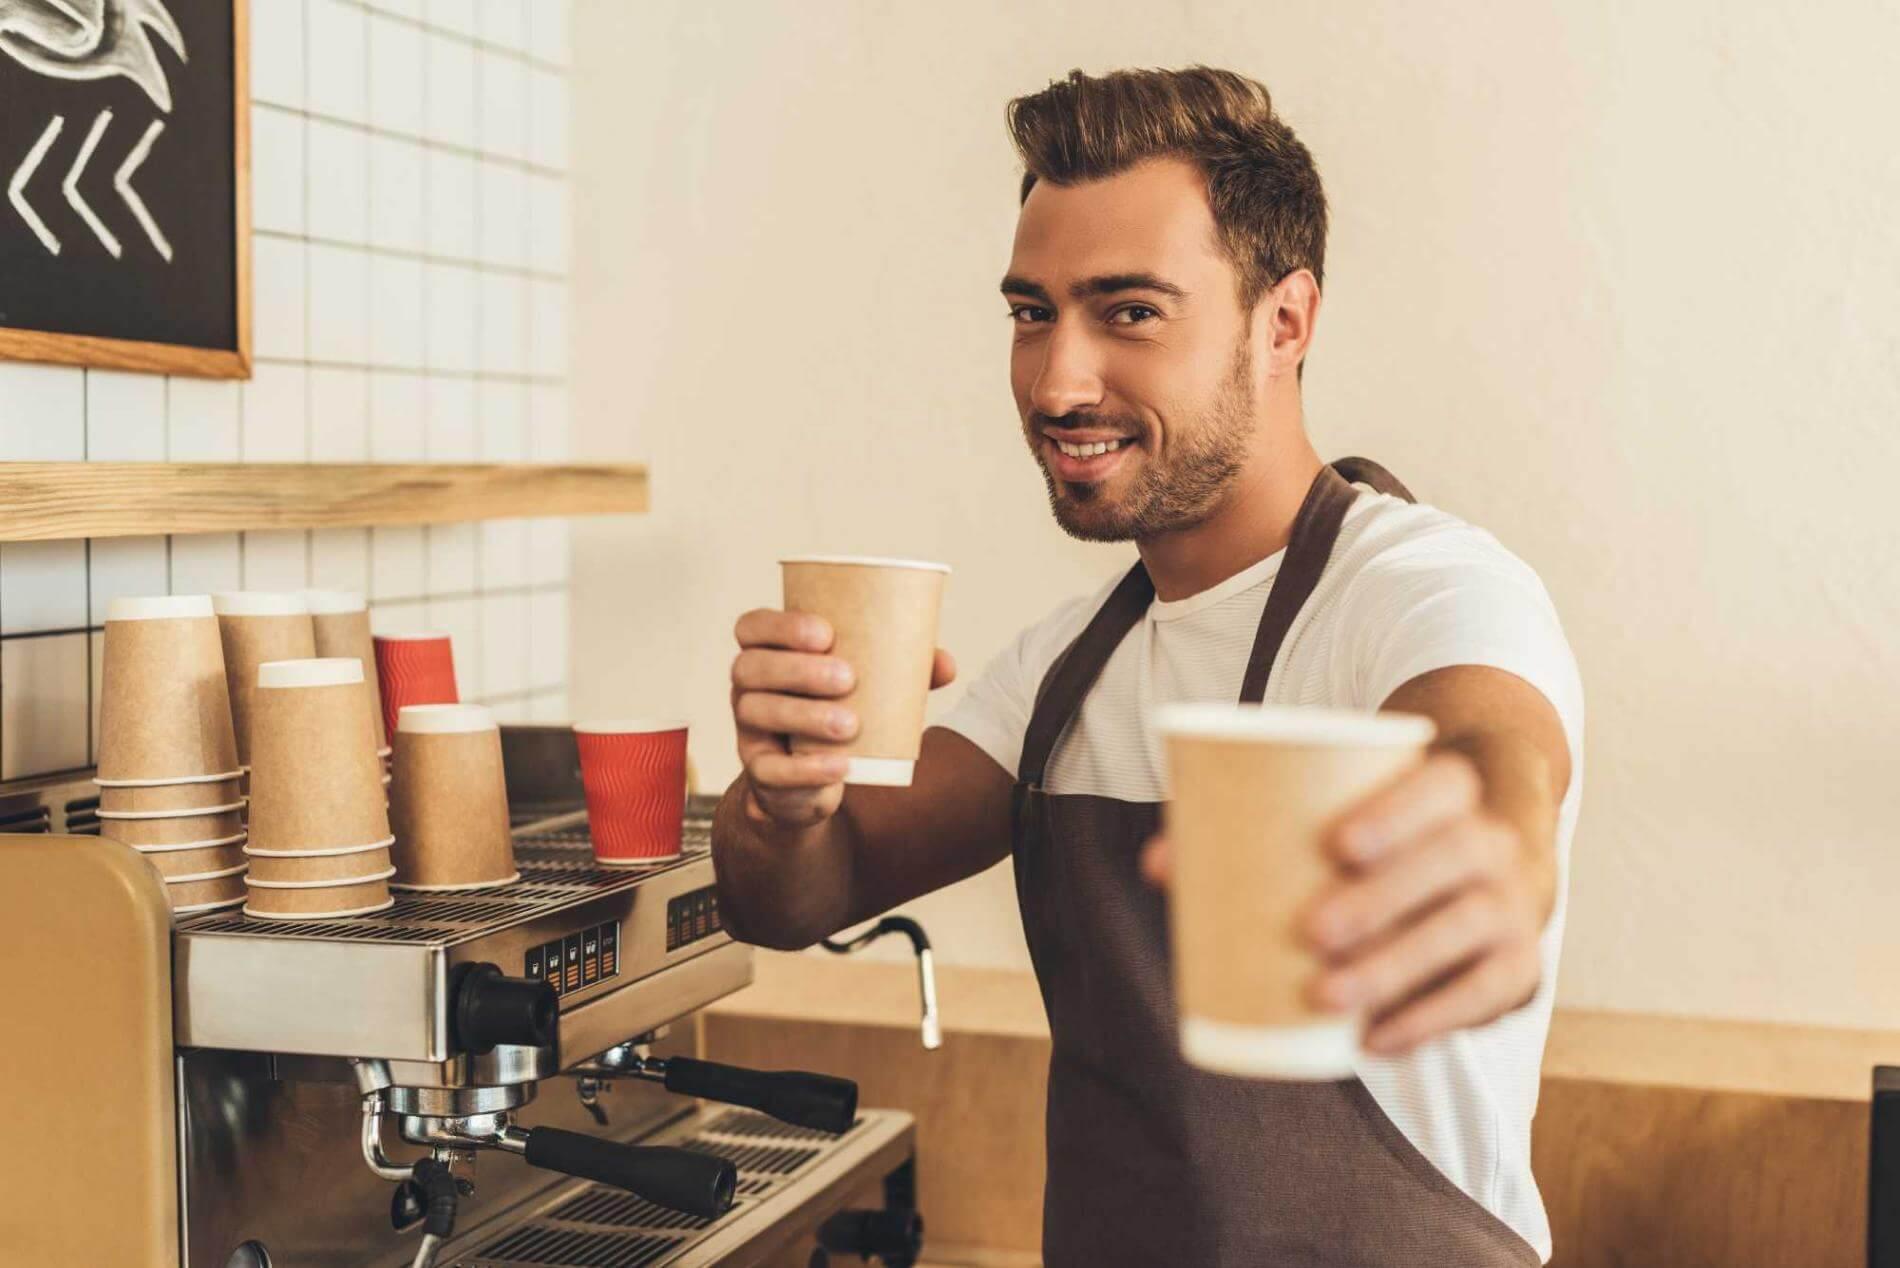 ברמן משקאות חמים מכין קפה